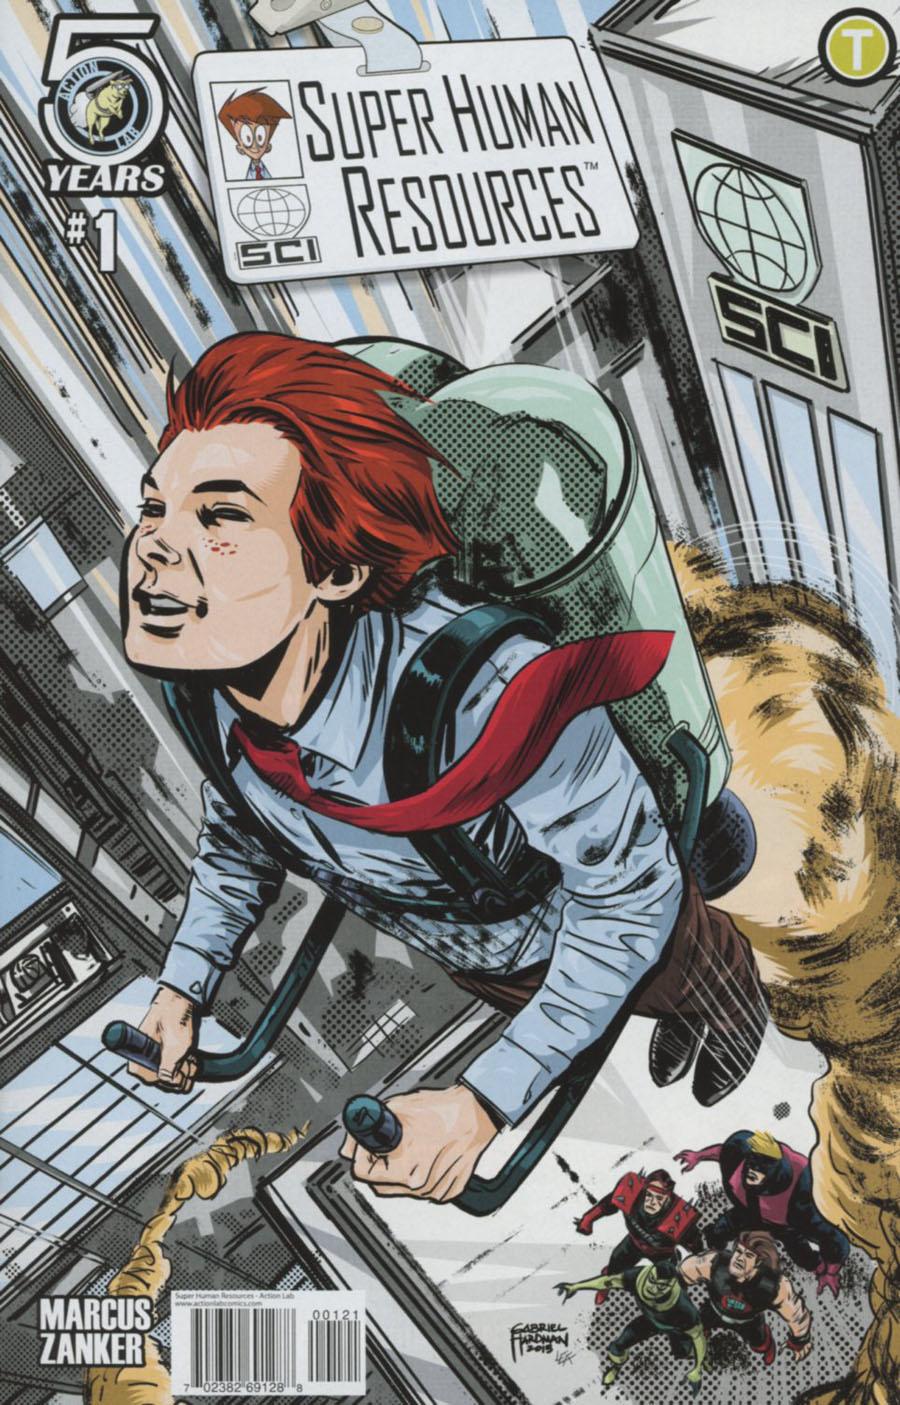 Super Human Resources Vol 2 #1 Cover B Variant Gabriel Hardman Cover